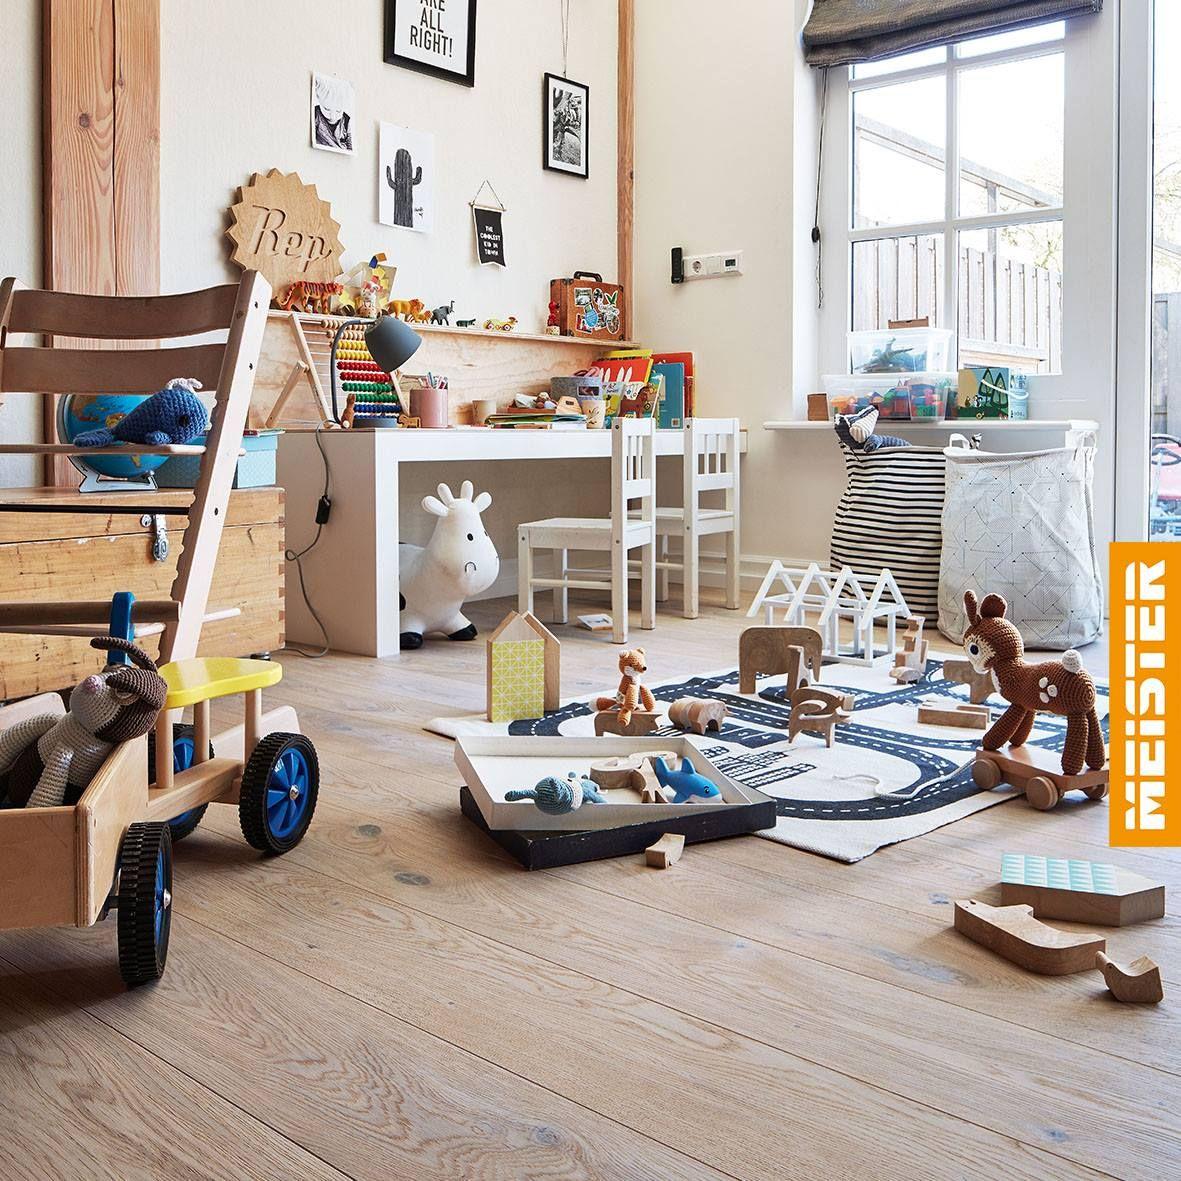 Spielen Auf Parkett Playing On Parquet Parkett Dekor Kinder Zimmer